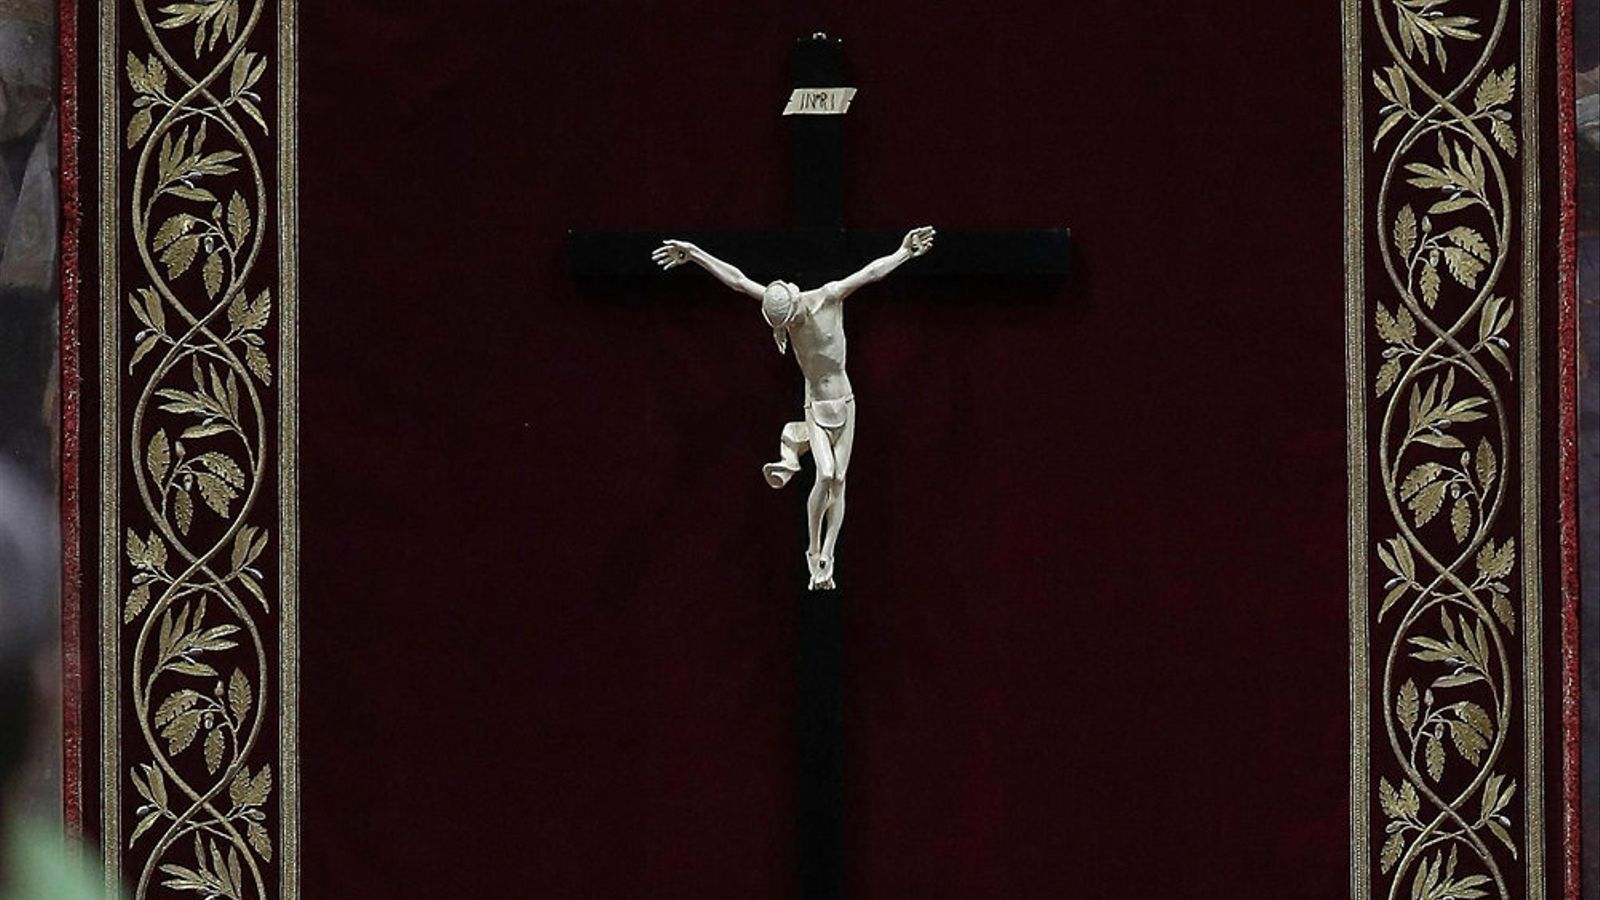 Les víctimes d'abusos presenten una contraproposta al Vaticà